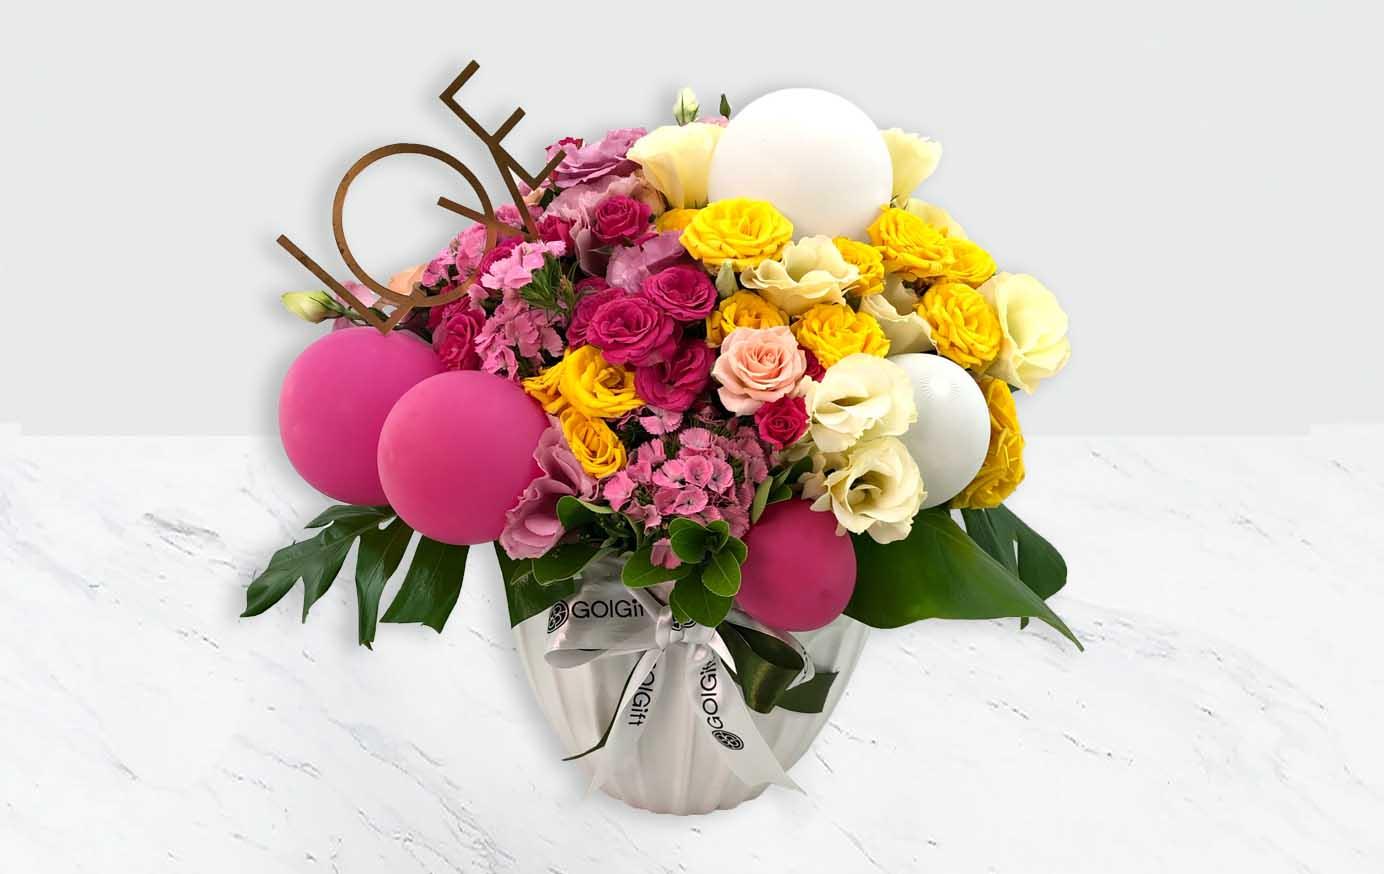 خرید گلدان رز مینیاتوری جذاب